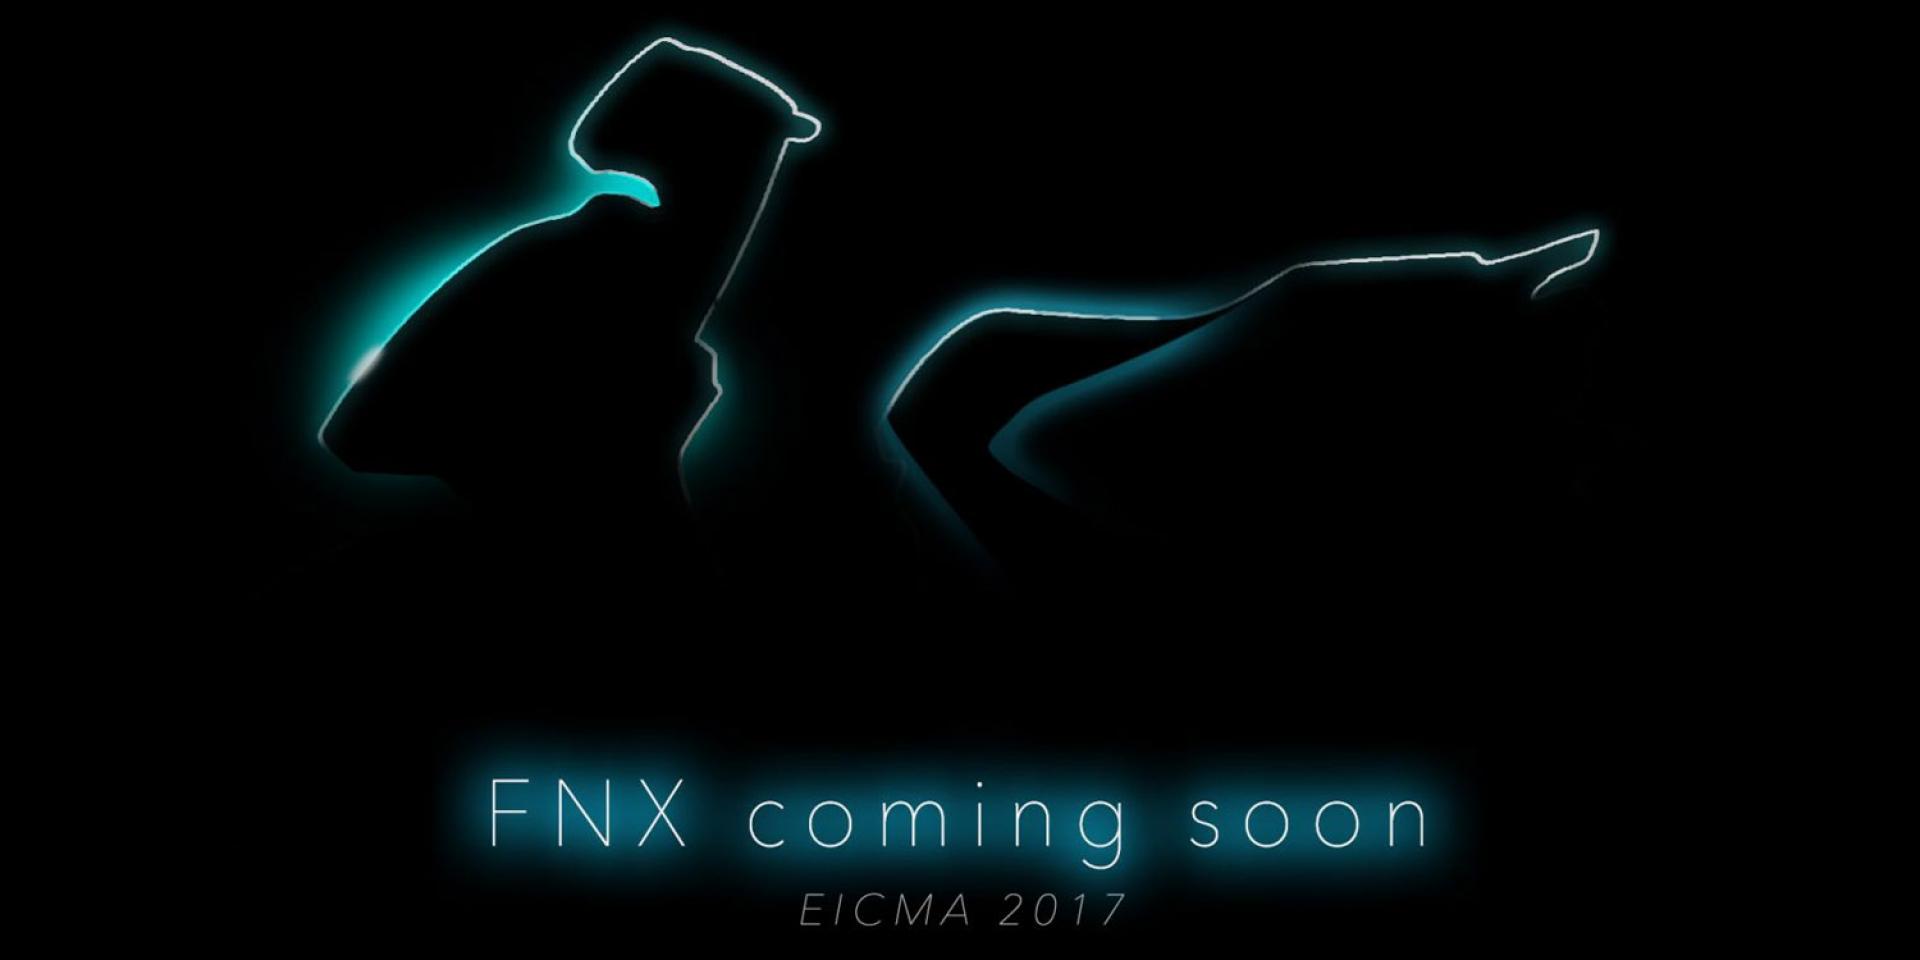 官方新聞稿。SYM米蘭車展概念車FNX 義大利設計師操刀 詮釋「Art-Fusion」設計概念